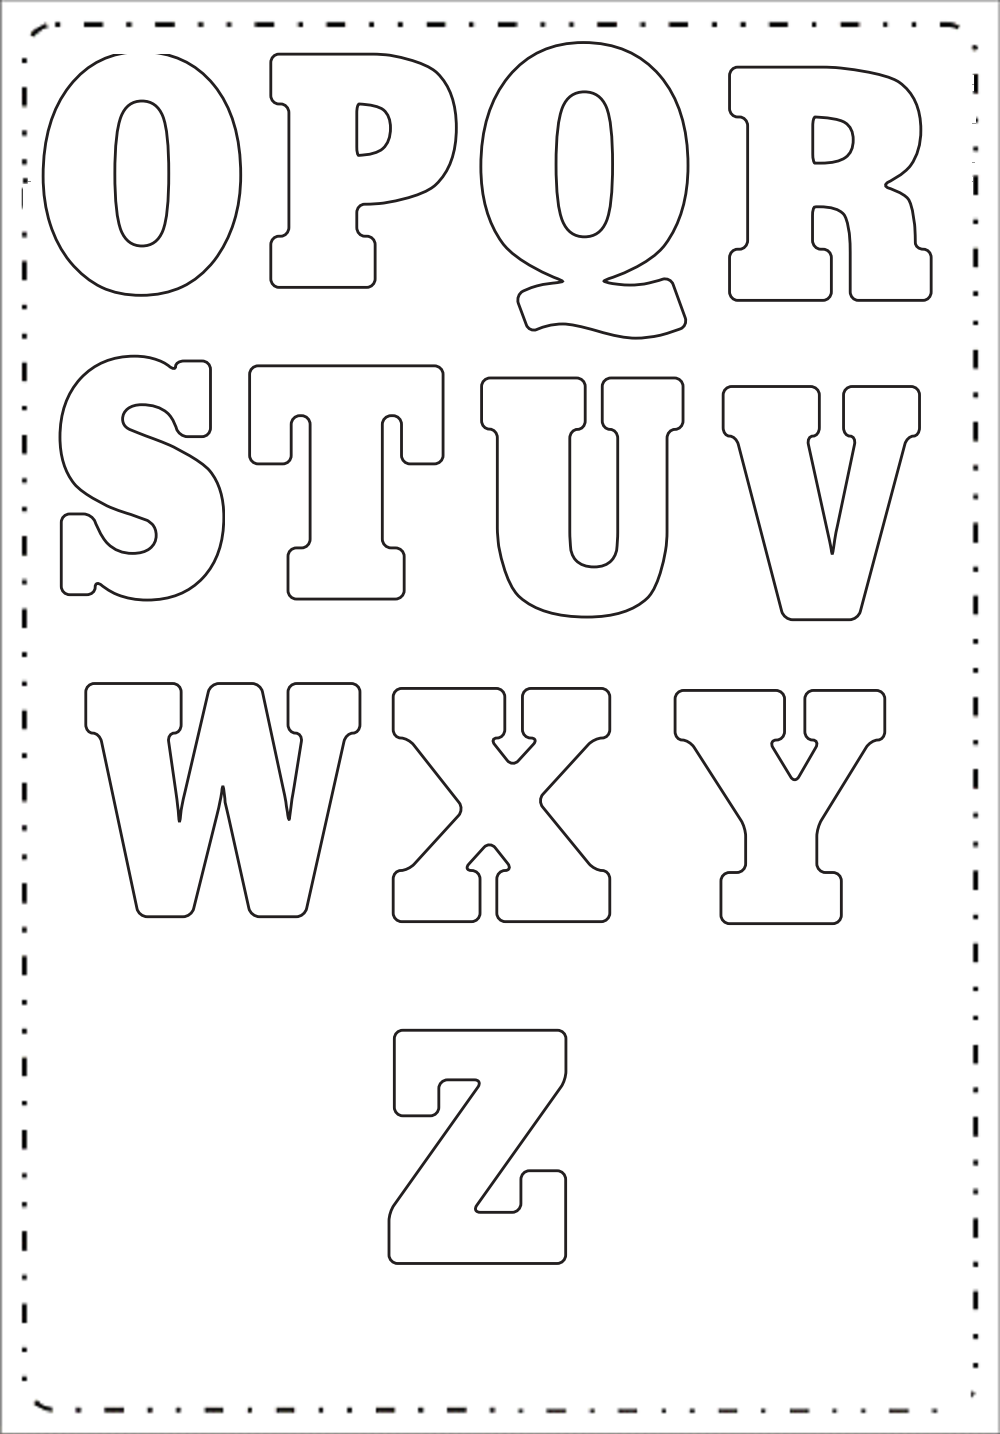 O até Z – Moldes de Letras Grandes para imprimir.